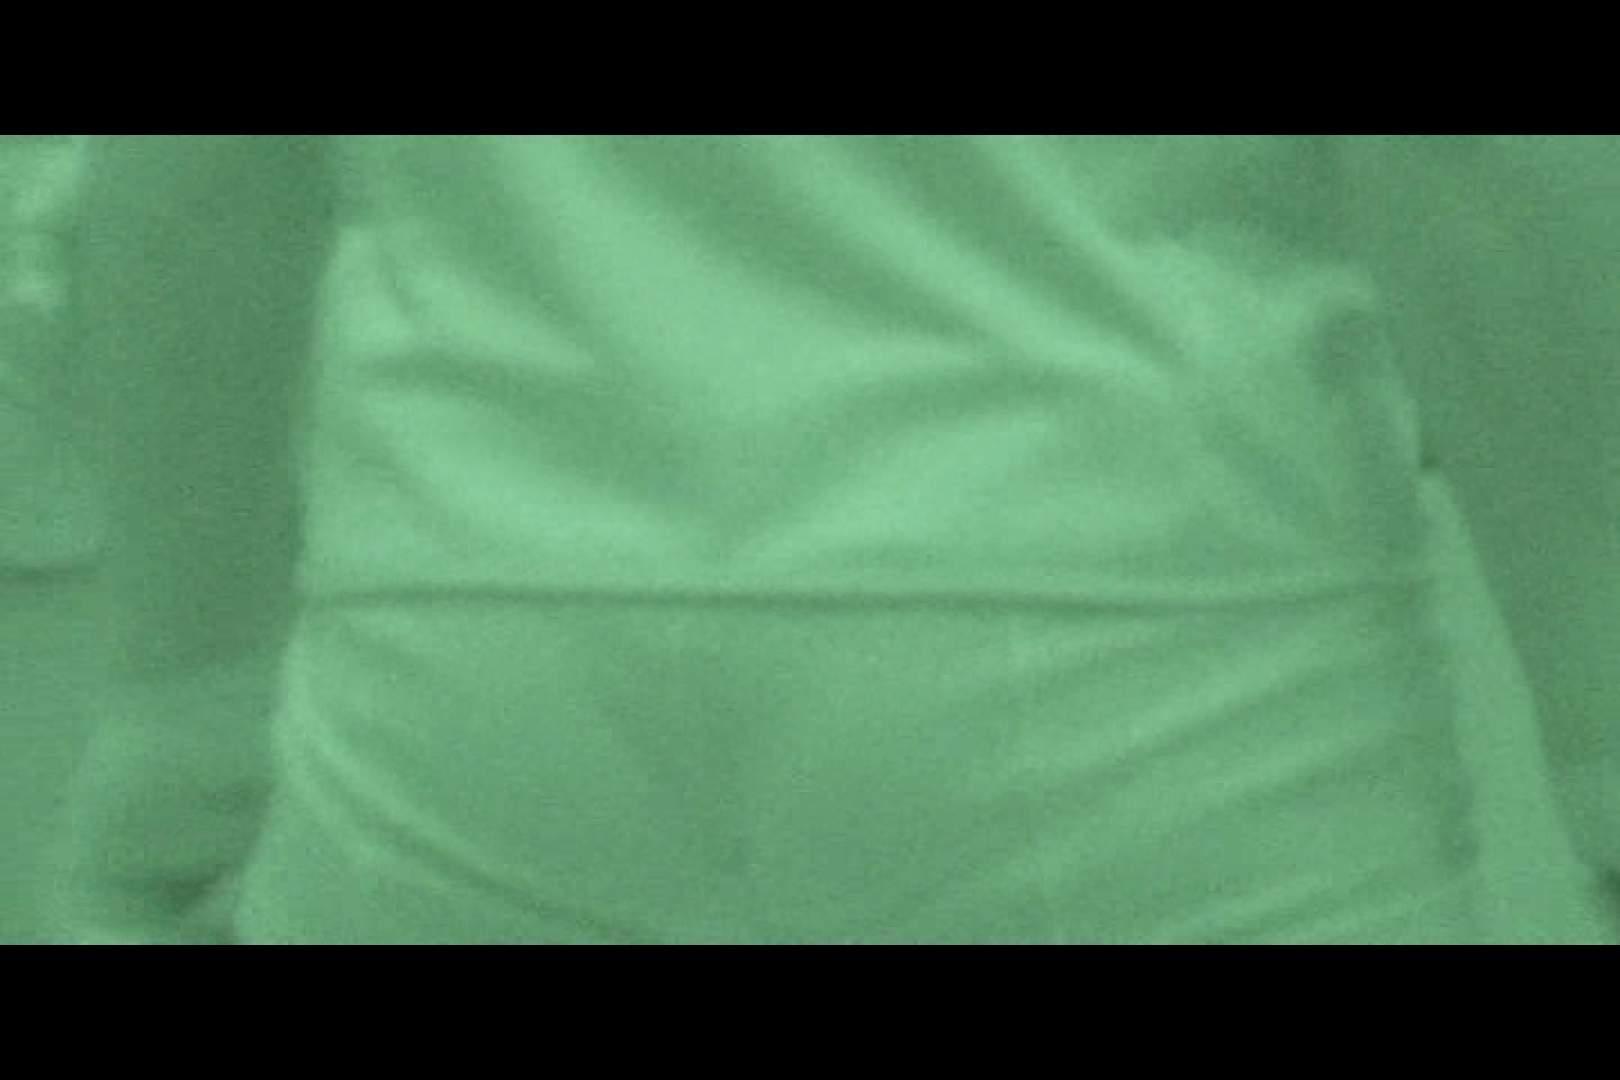 赤外線ムレスケバレー(汗) vol.20 アスリート 覗きおまんこ画像 93連発 38